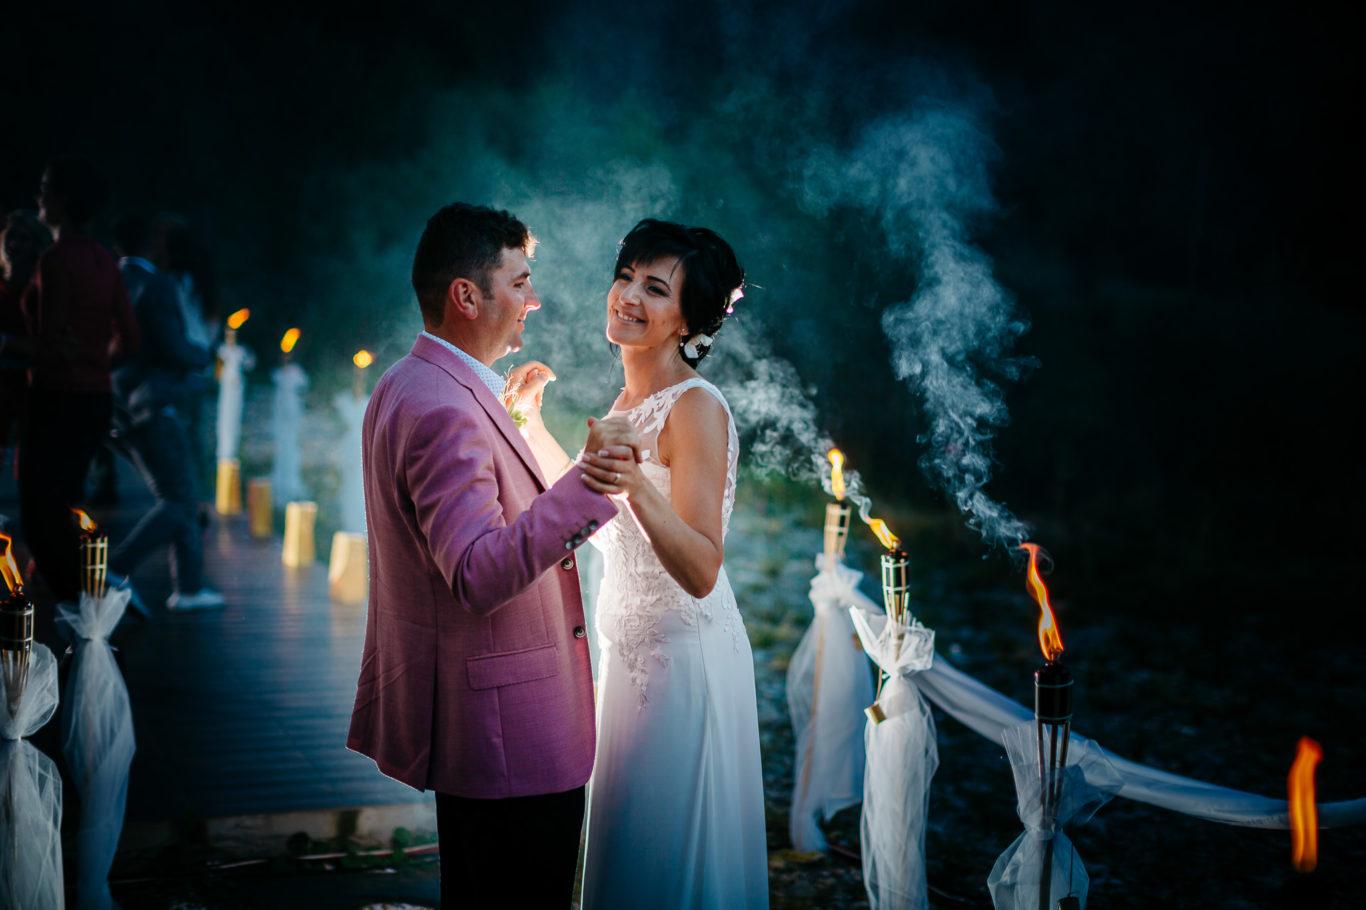 0538-fotografie-nunta-valea-de-pesti-vero-dani-fotograf-ciprian-dumitrescu-dc1_1412